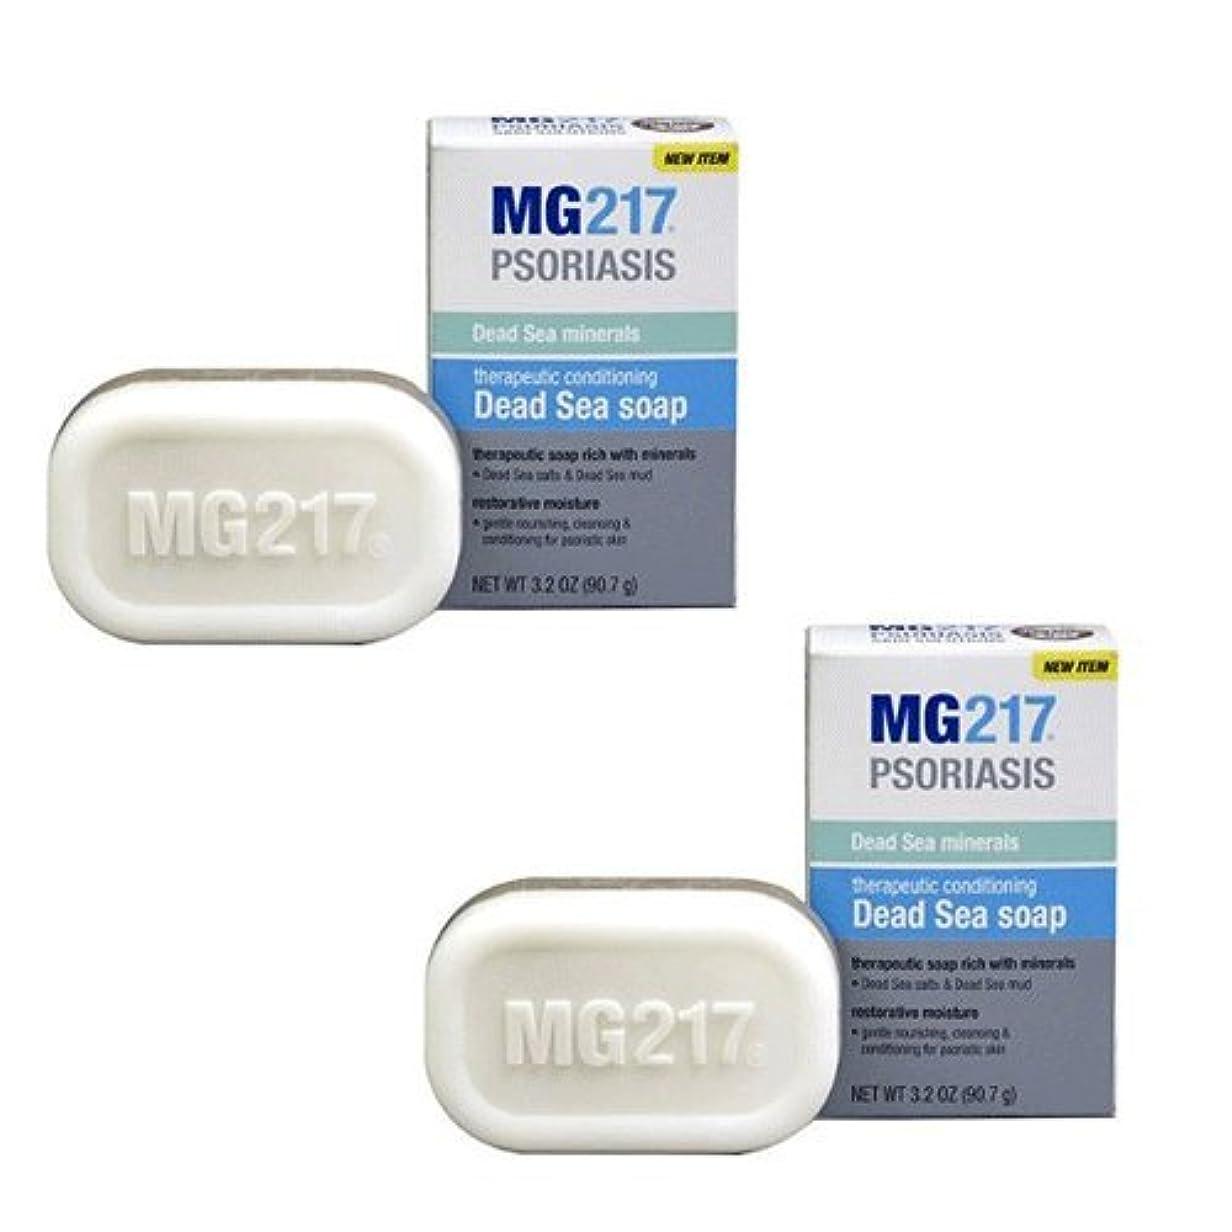 ヘロイン読書をする比べる2個セット 死海の泥とミネラルたっぷり MG217ソープ 90g MG217 Psoriasis Therapeutic Conditioning Dead Sea Bar Soap